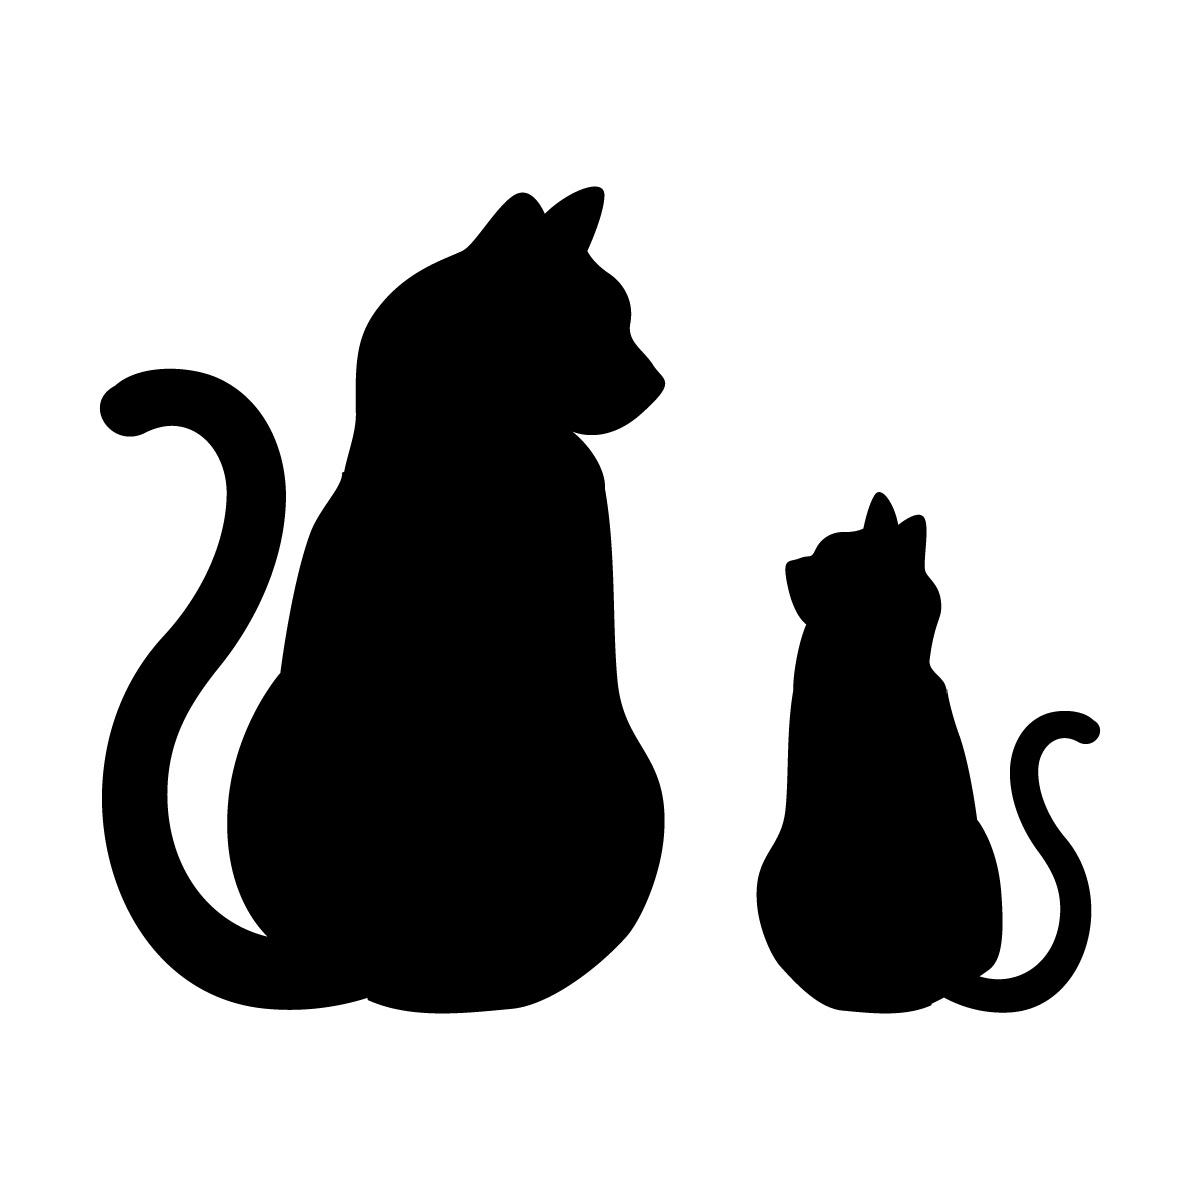 猫の親子 向き合うネコのポーズのシルエットステッカー・シール